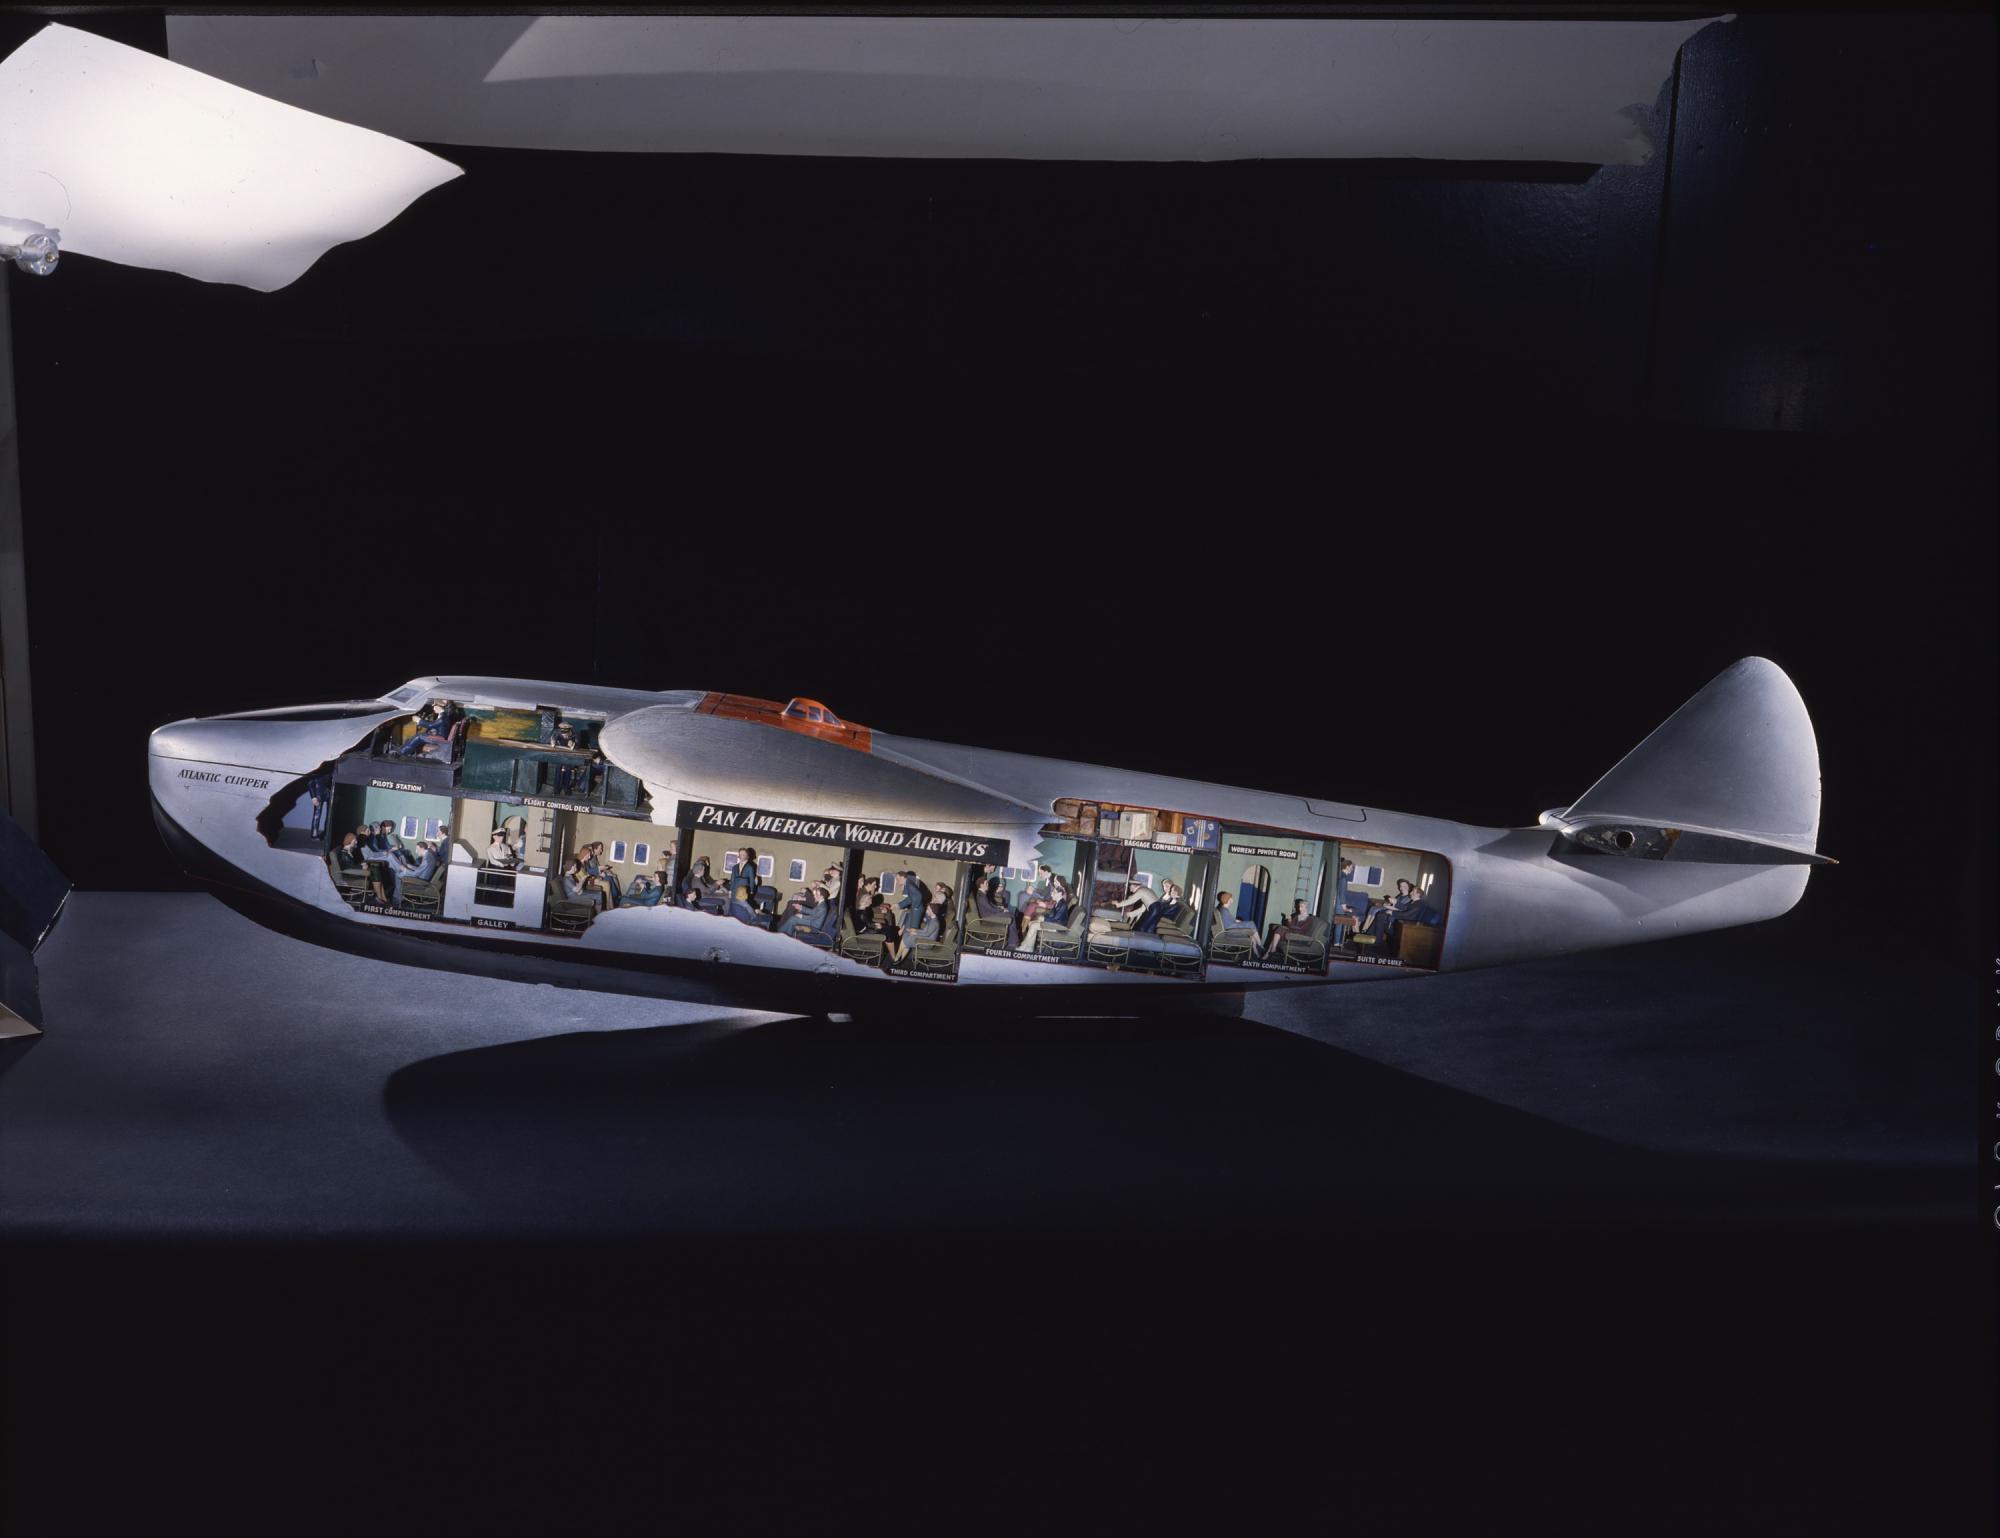 Plane cutout